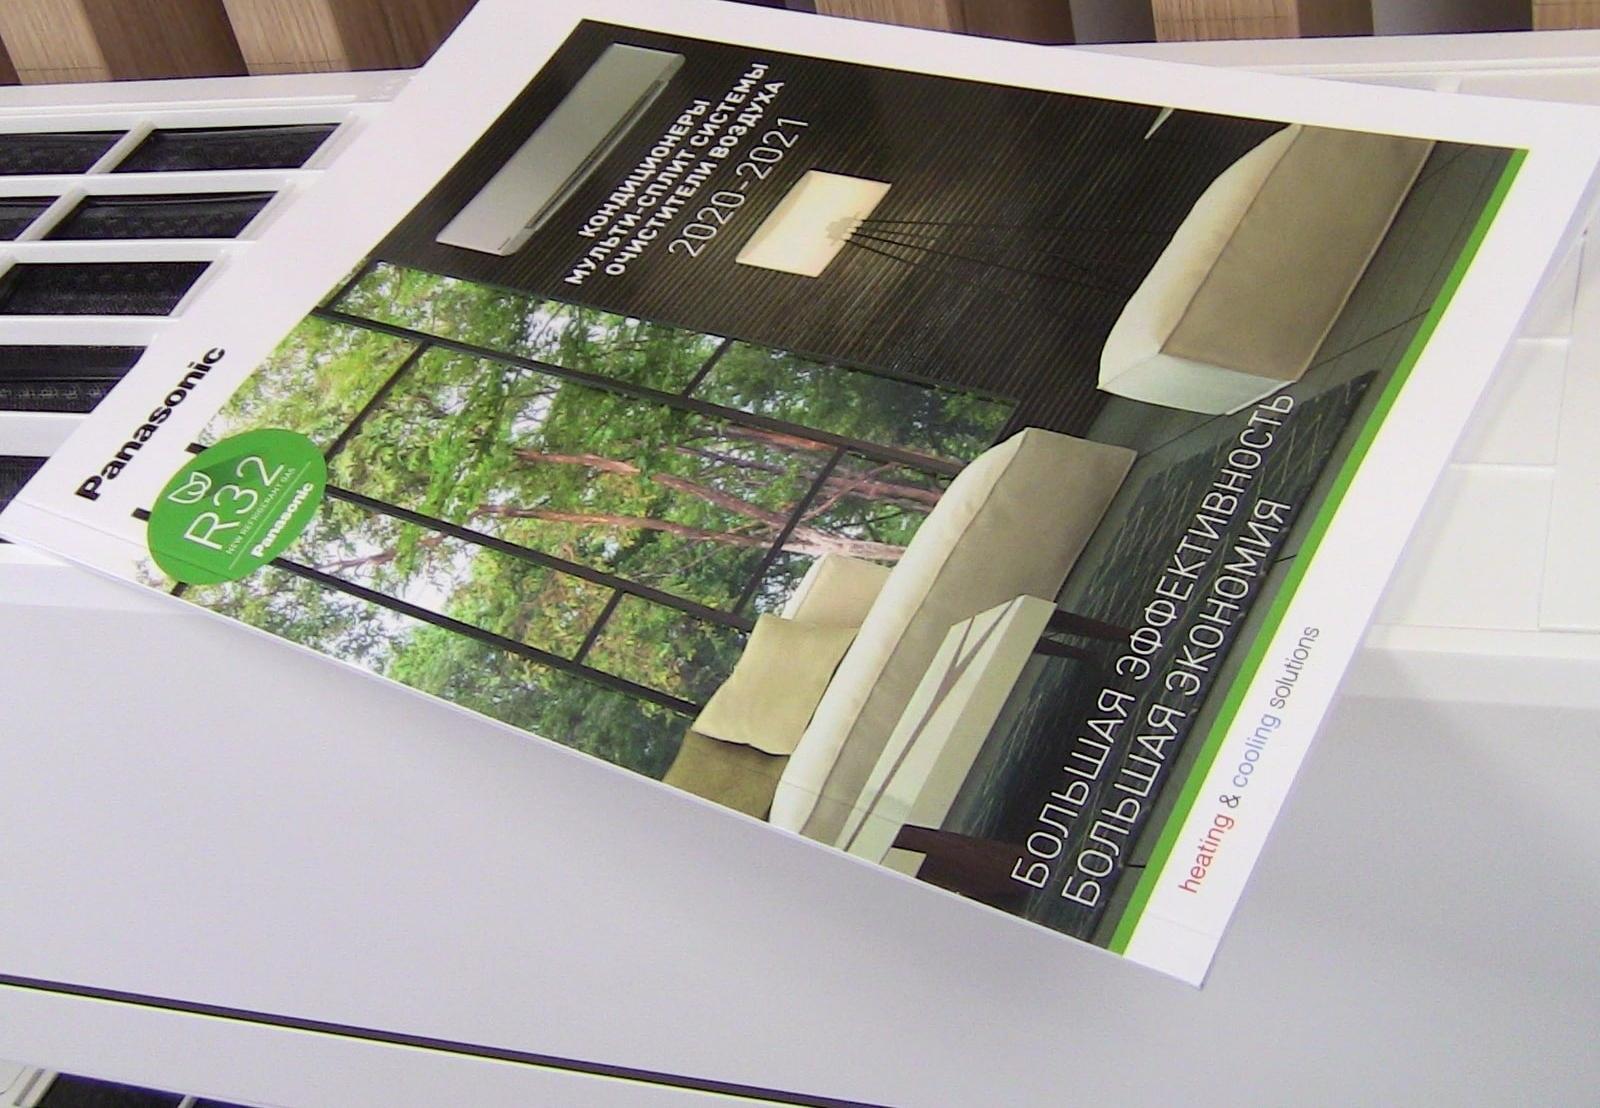 Зображення ондиціонера Panasonic для будинку